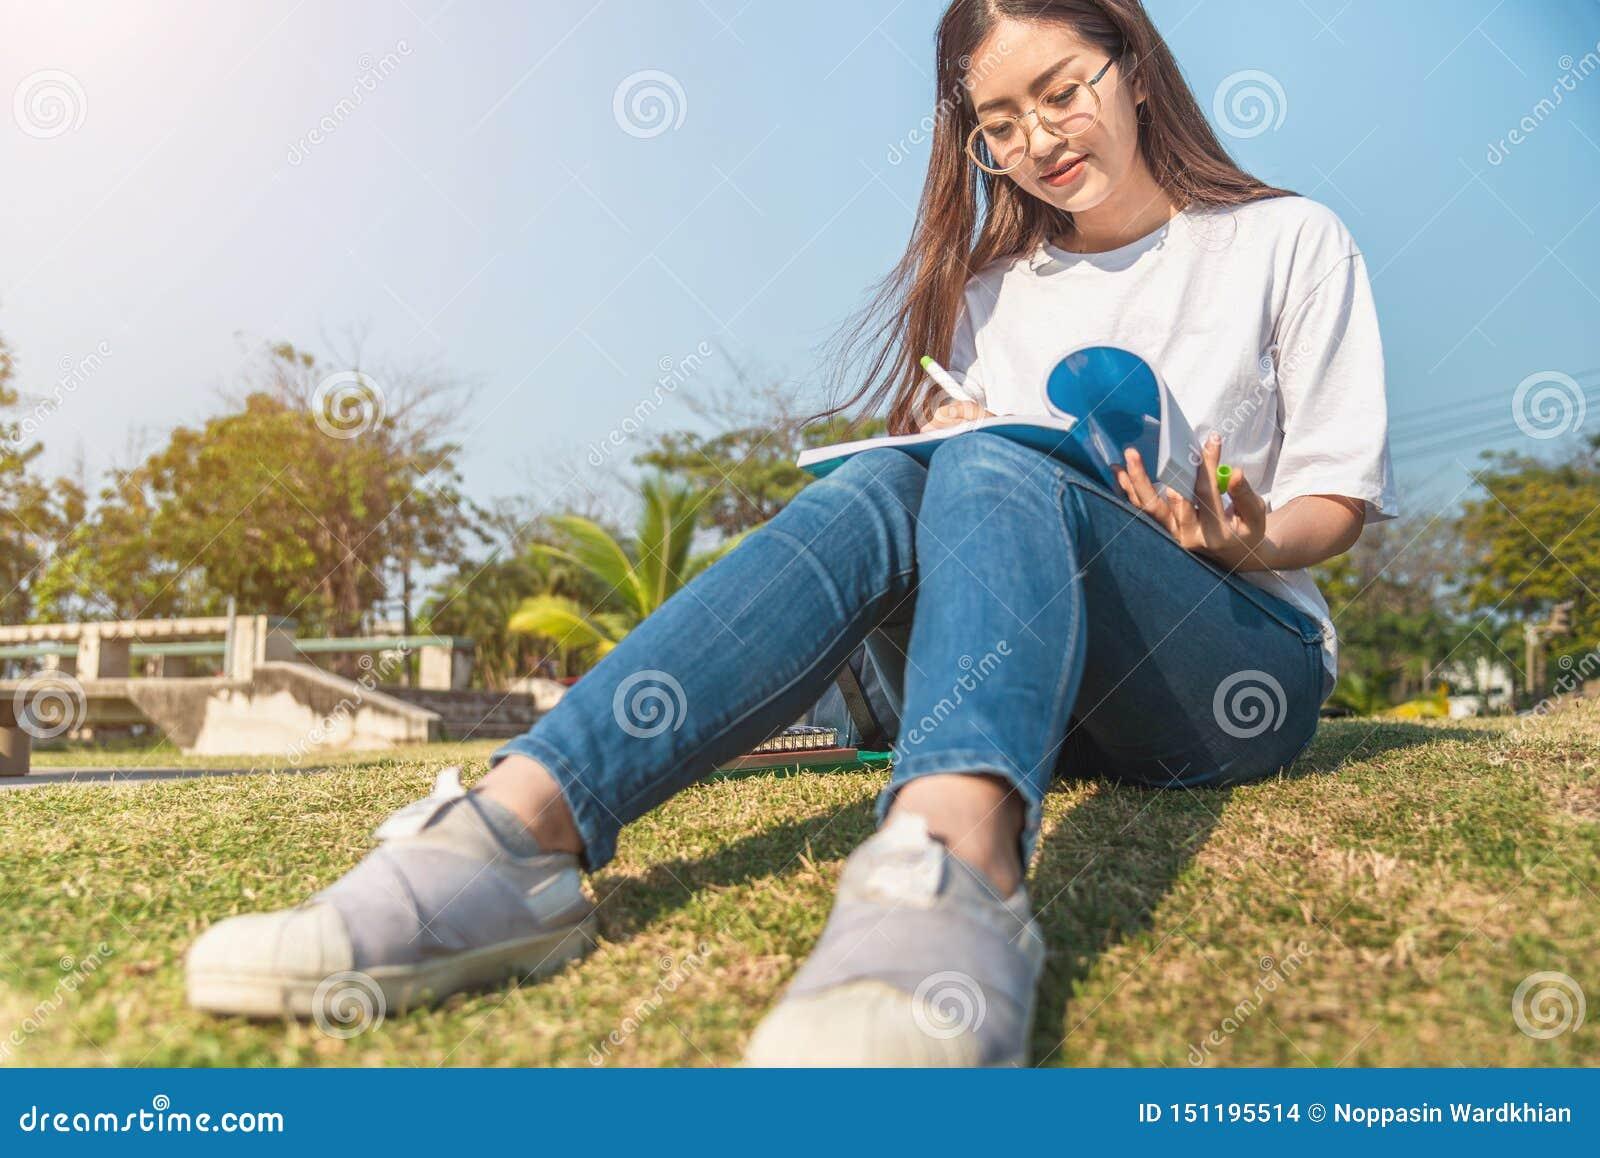 Menina bonita na floresta do outono que l? um livro coberto com uma cobertura morna uma mulher senta-se perto de uma árvore em um